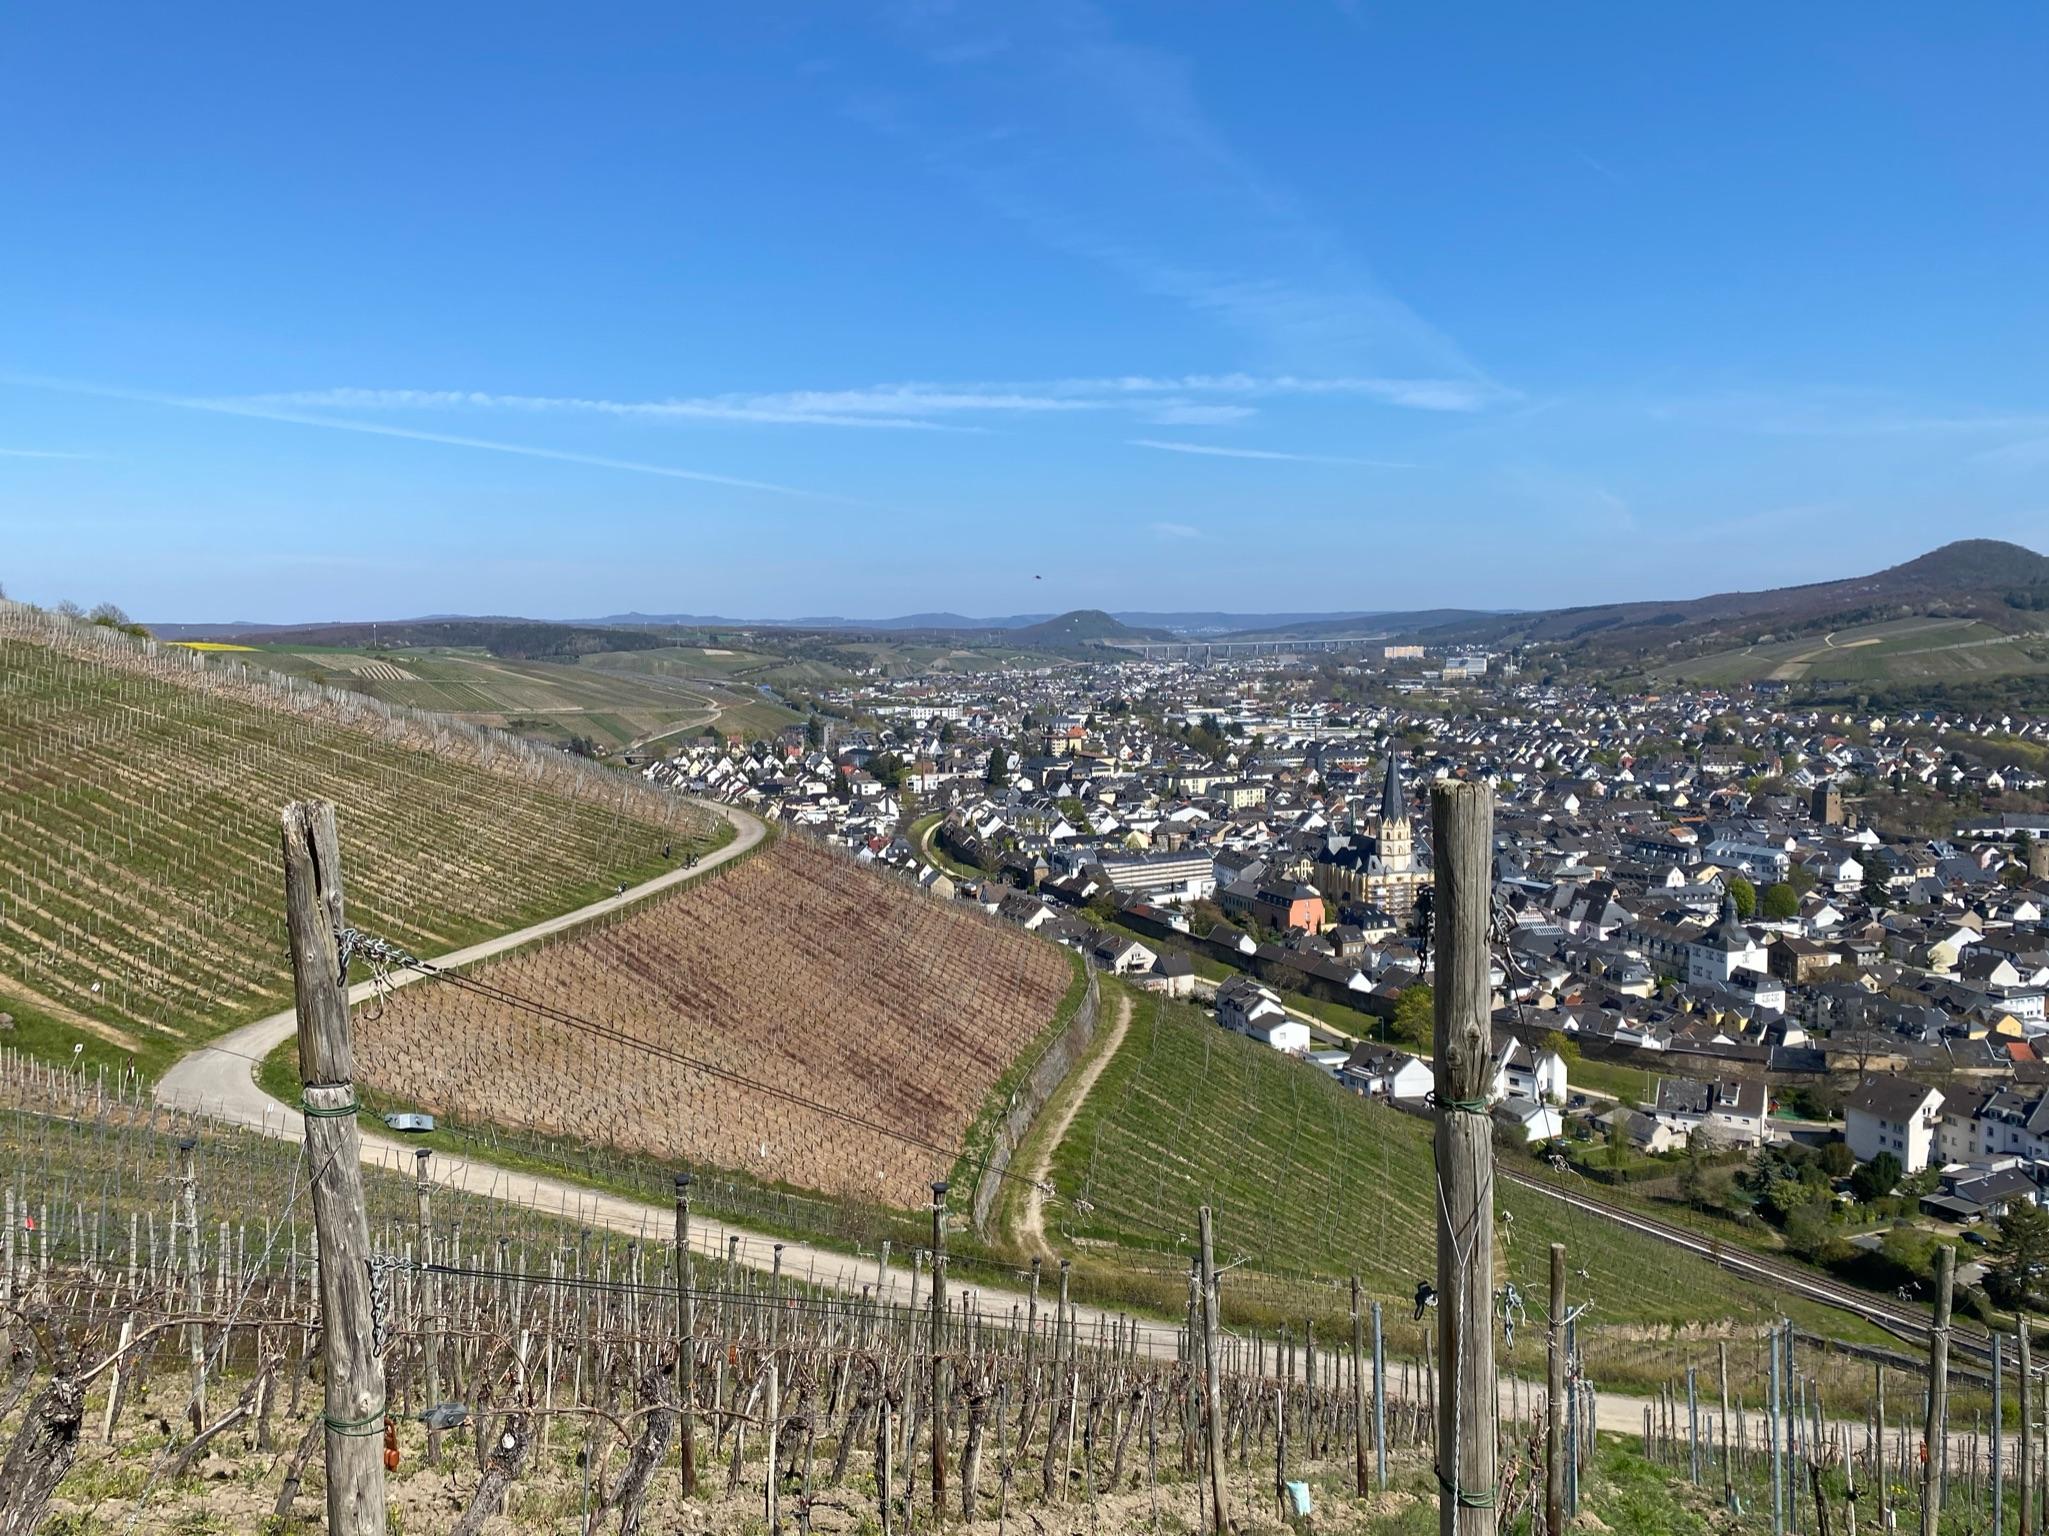 Blick auf die Weinberge bei Ahrweiler